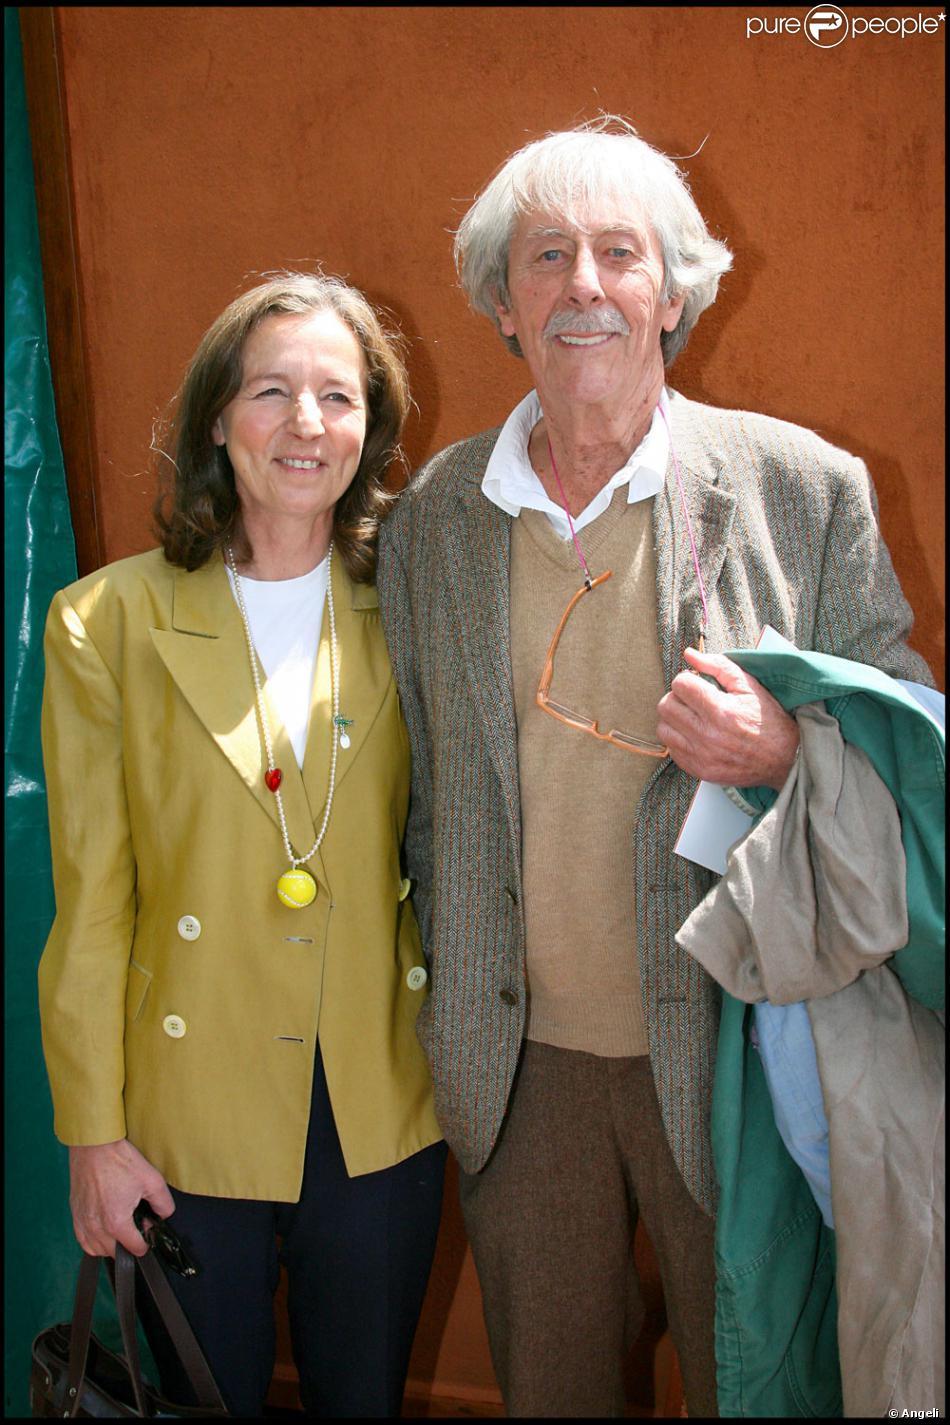 Jean-Rochefort et sa femme à Roland-Garros - Purepeople